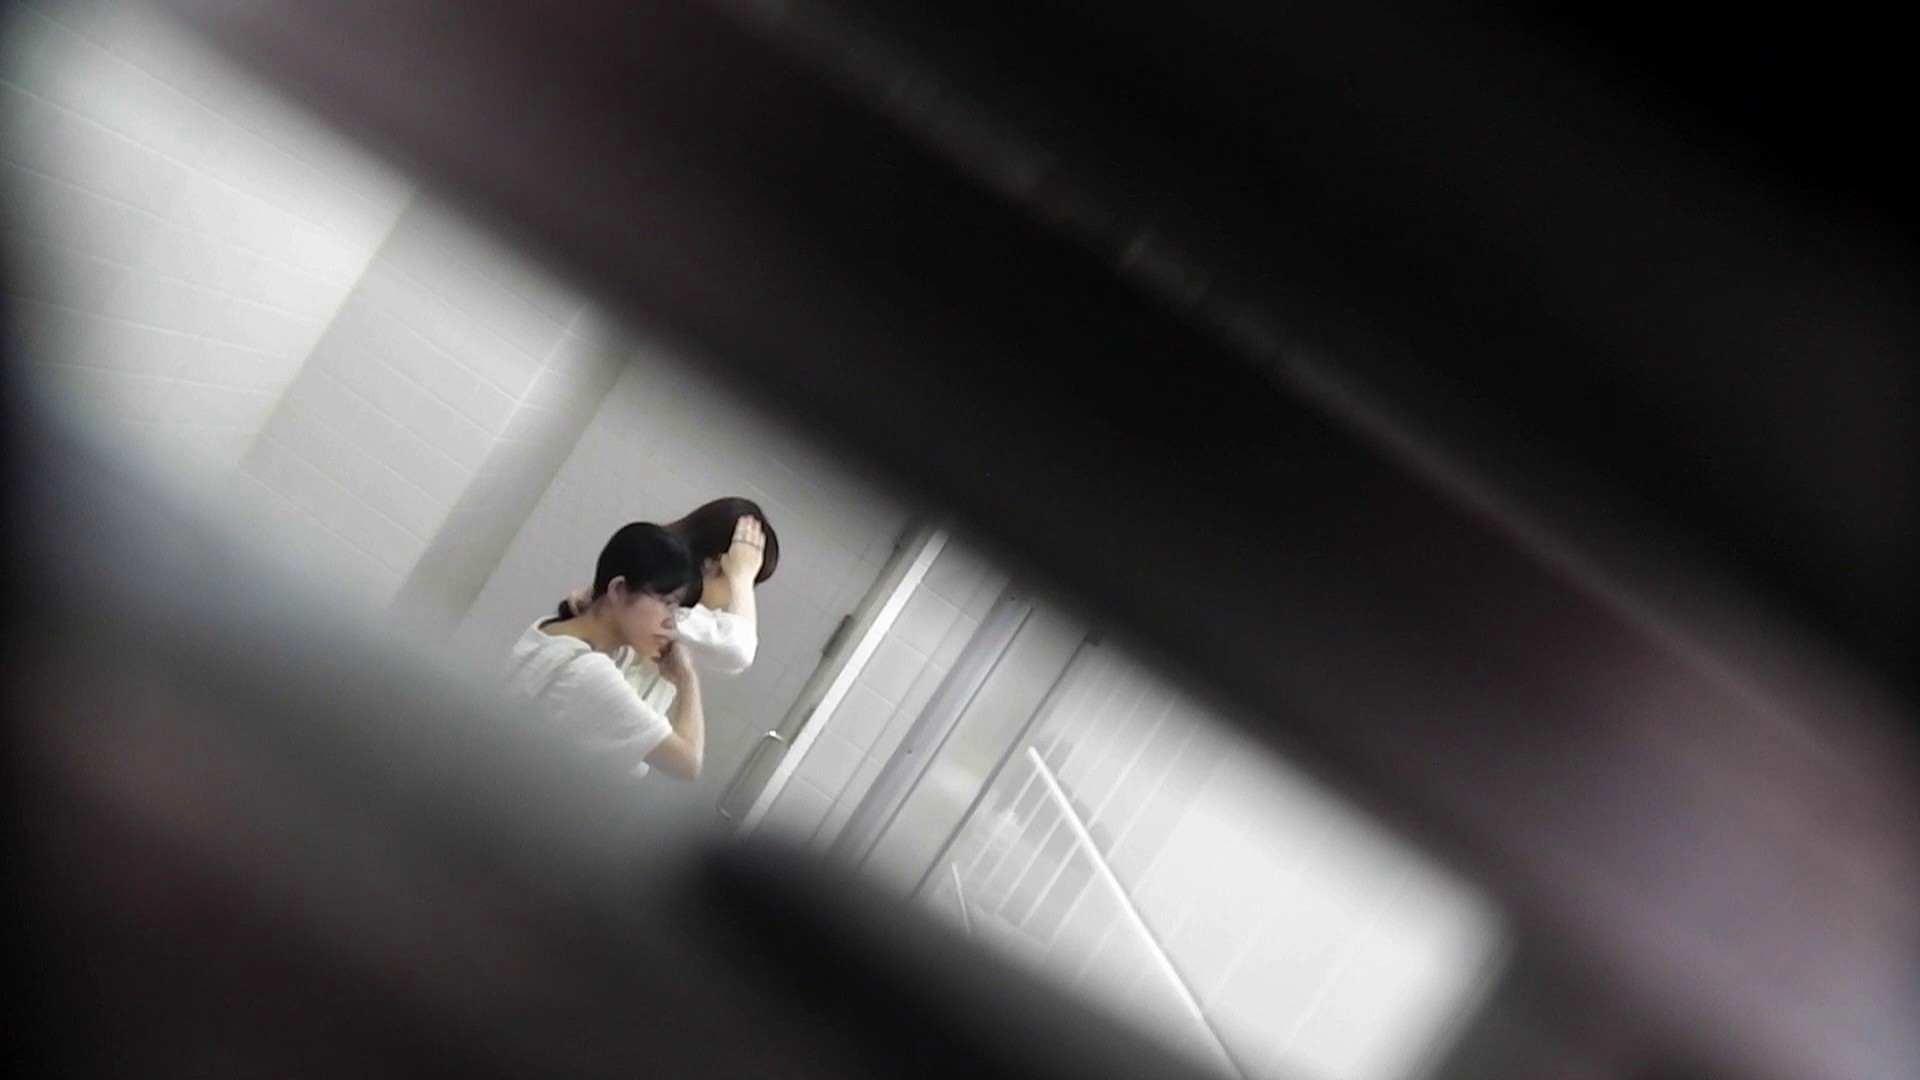 お銀 vol.72 あのかわいい子がついフロント撮り実演 OLの実態 盗撮ワレメ無修正動画無料 23pic 2